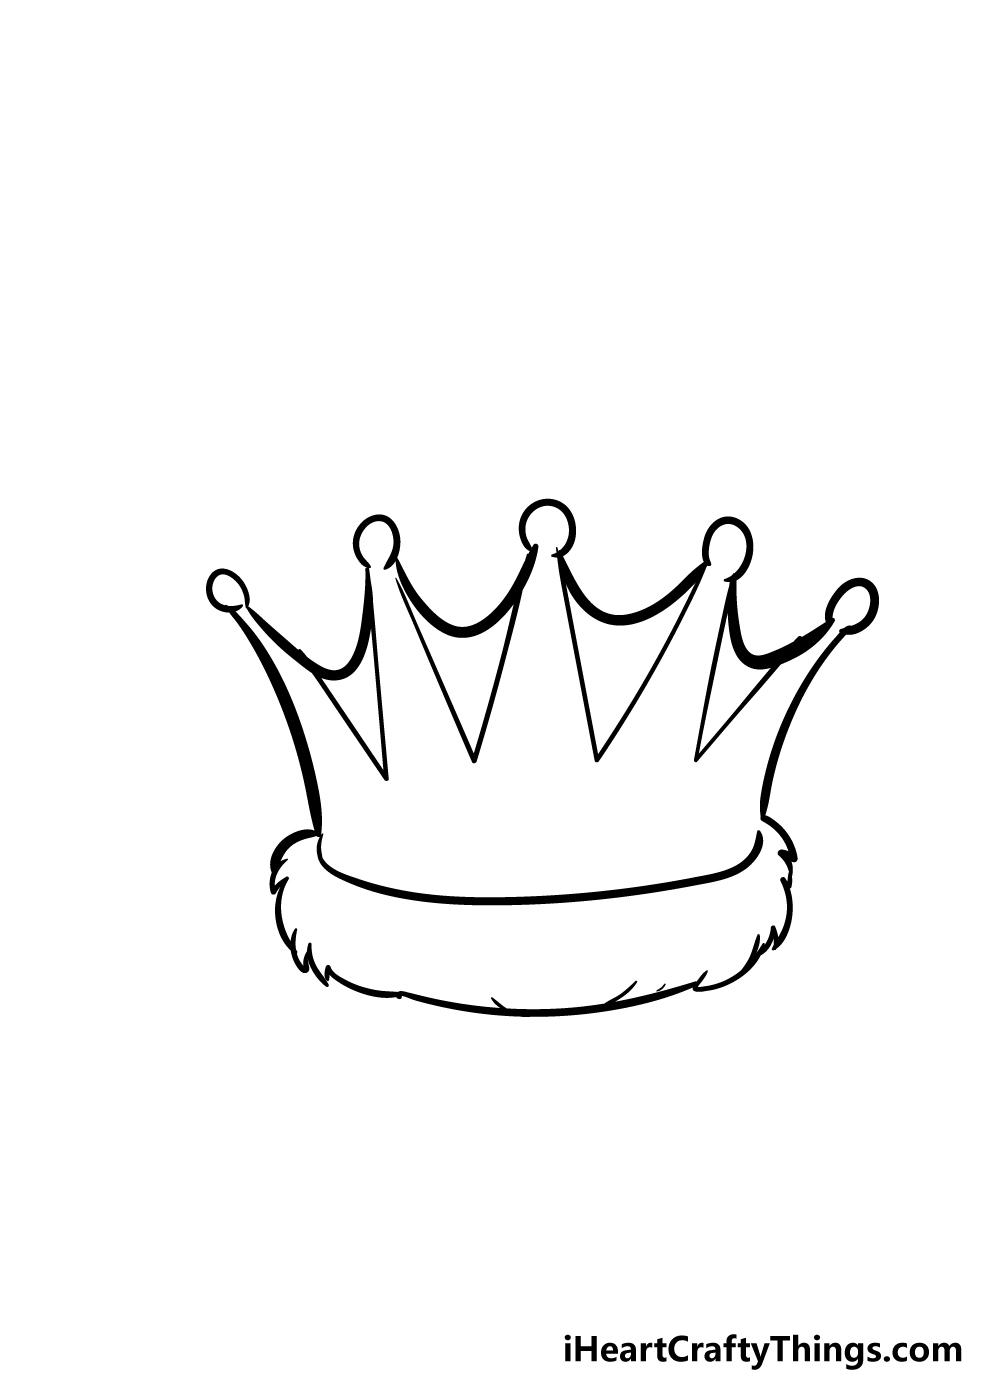 crown drawing step 4